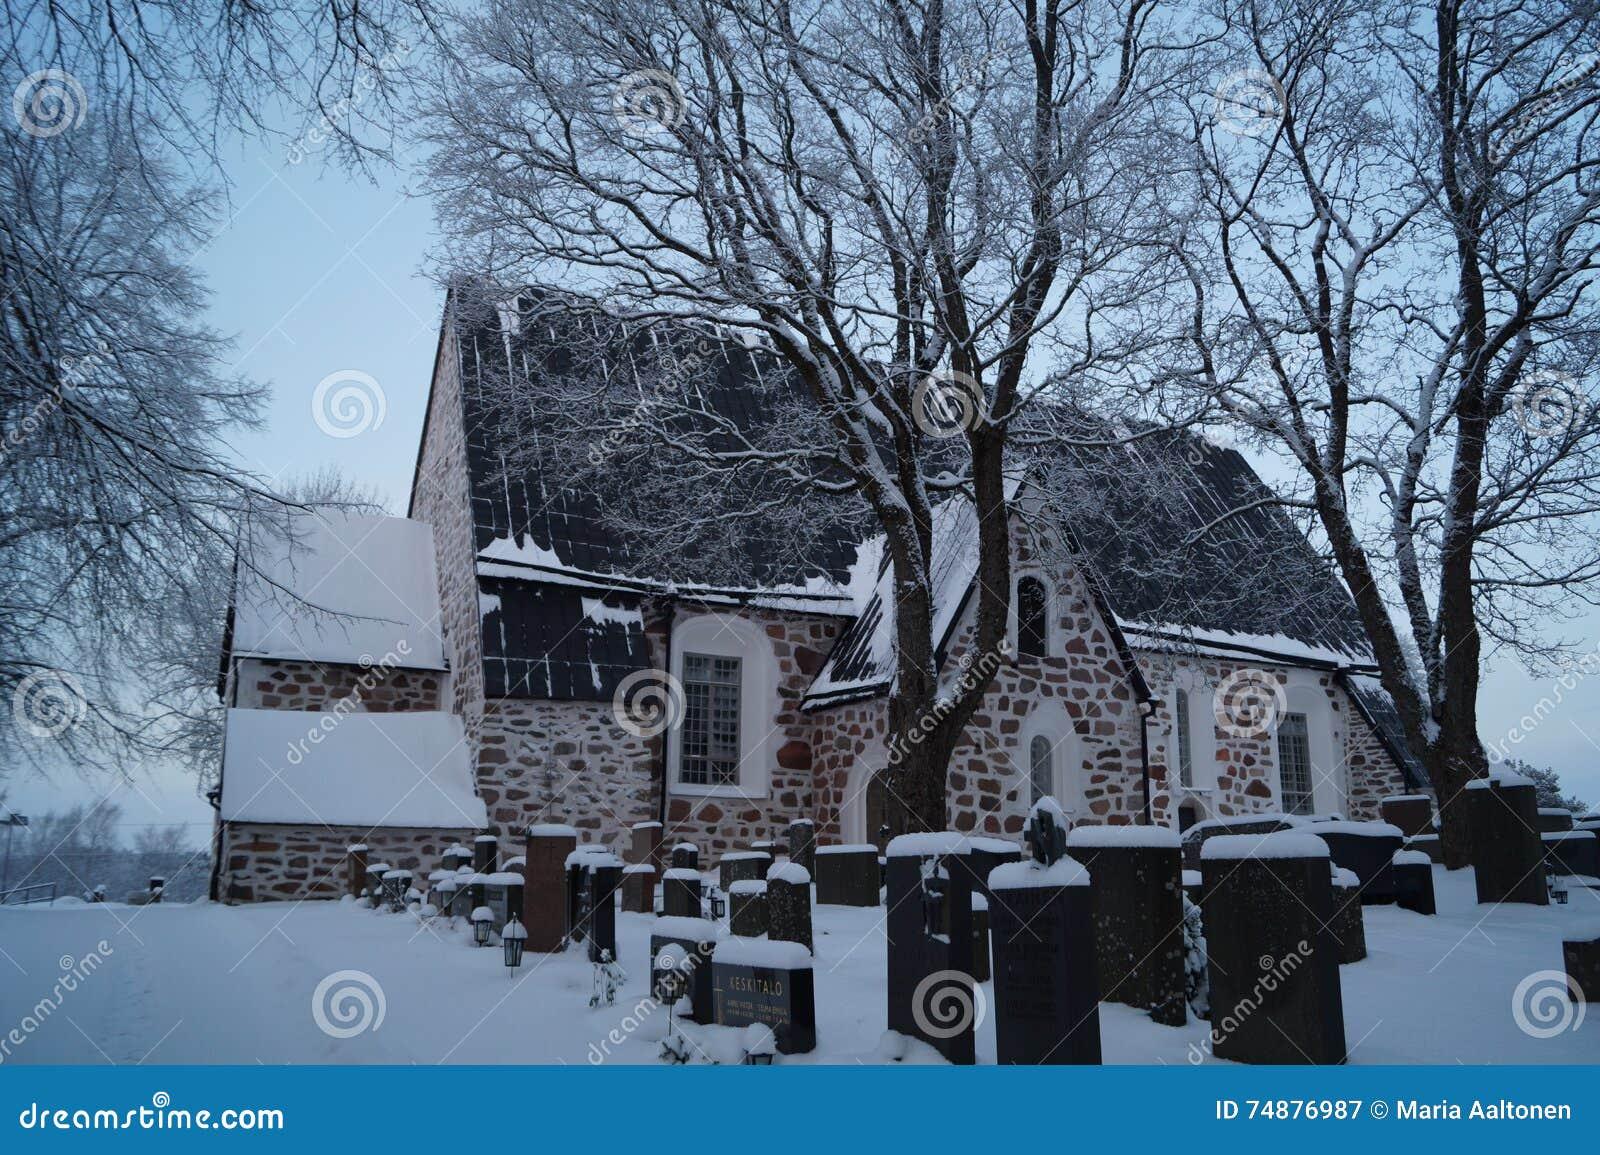 Vehmaa church